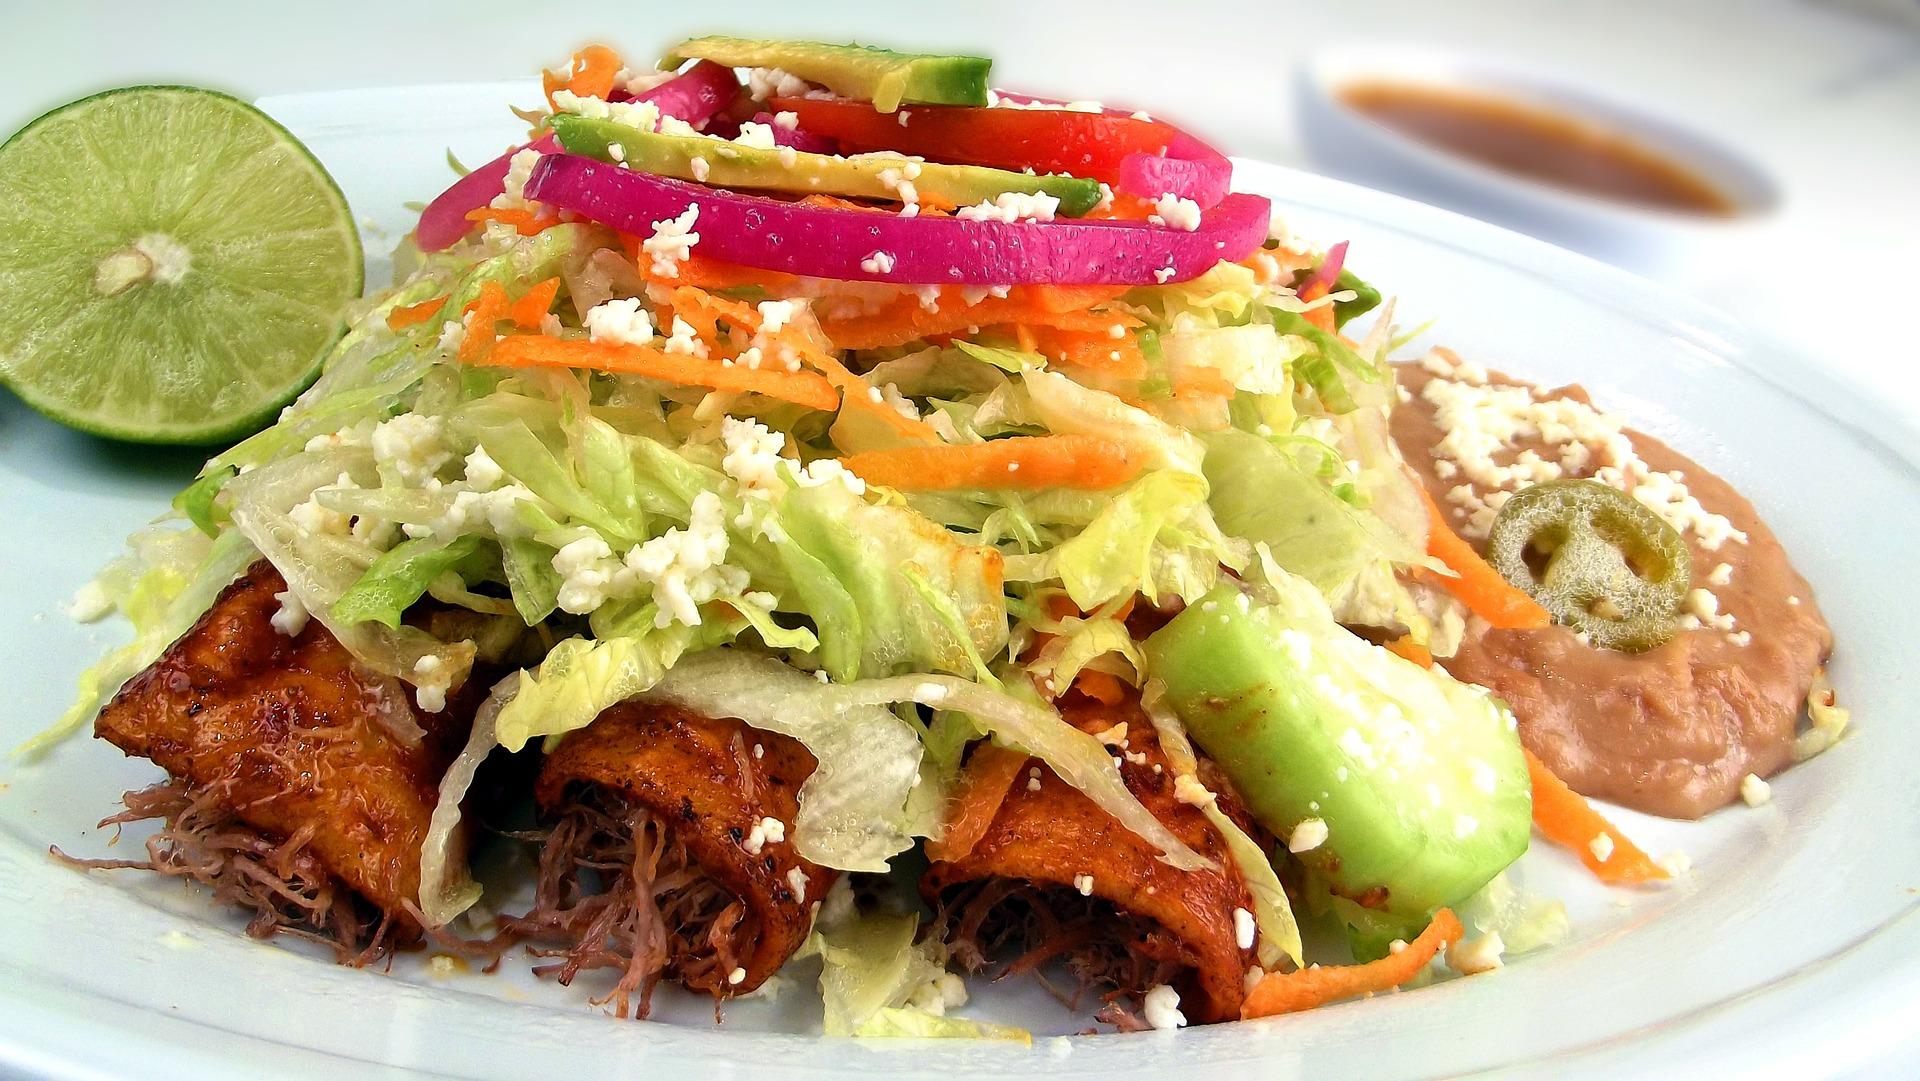 Enchilada z kurczakiem – obiad z Meksyku